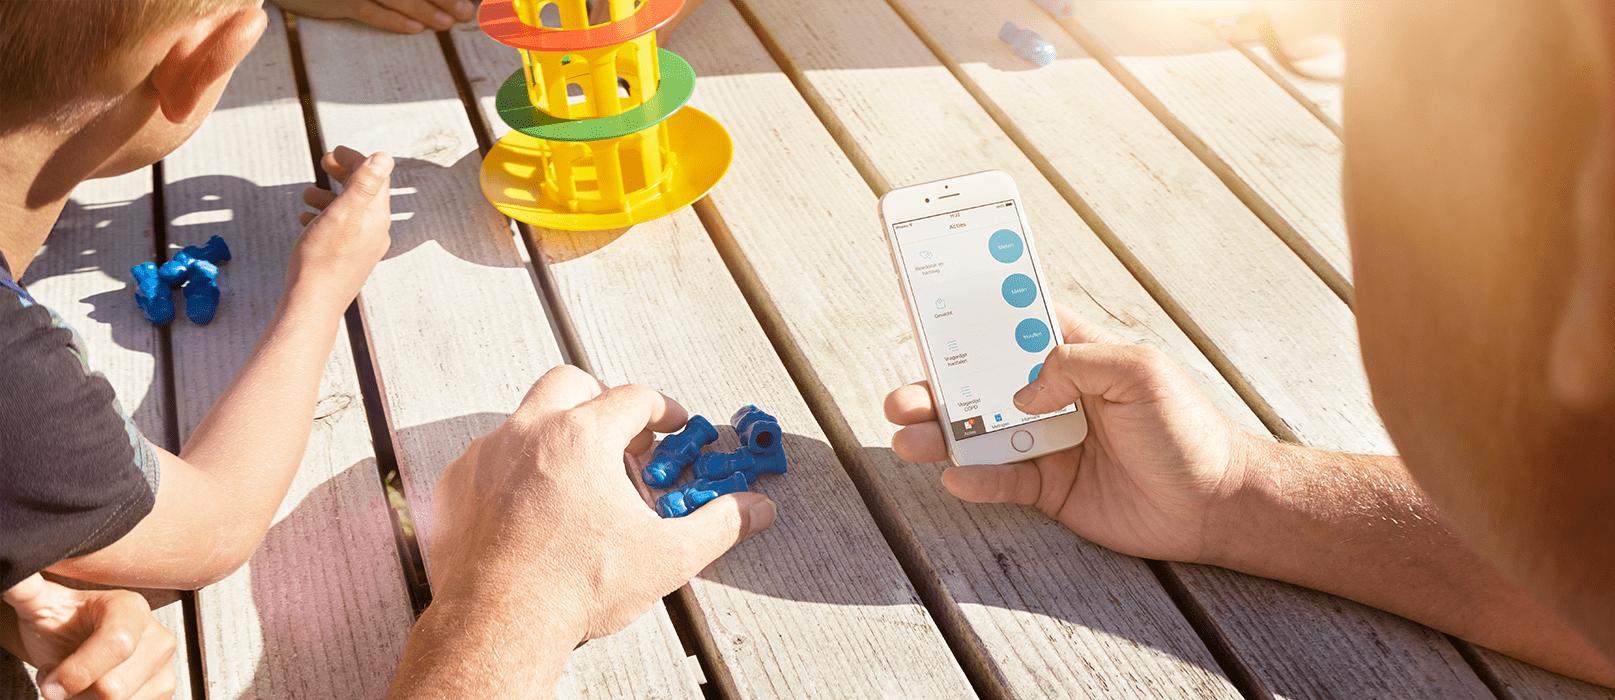 En patient overfører sine målinger til sin smartphone med henblik på fjernovervågning